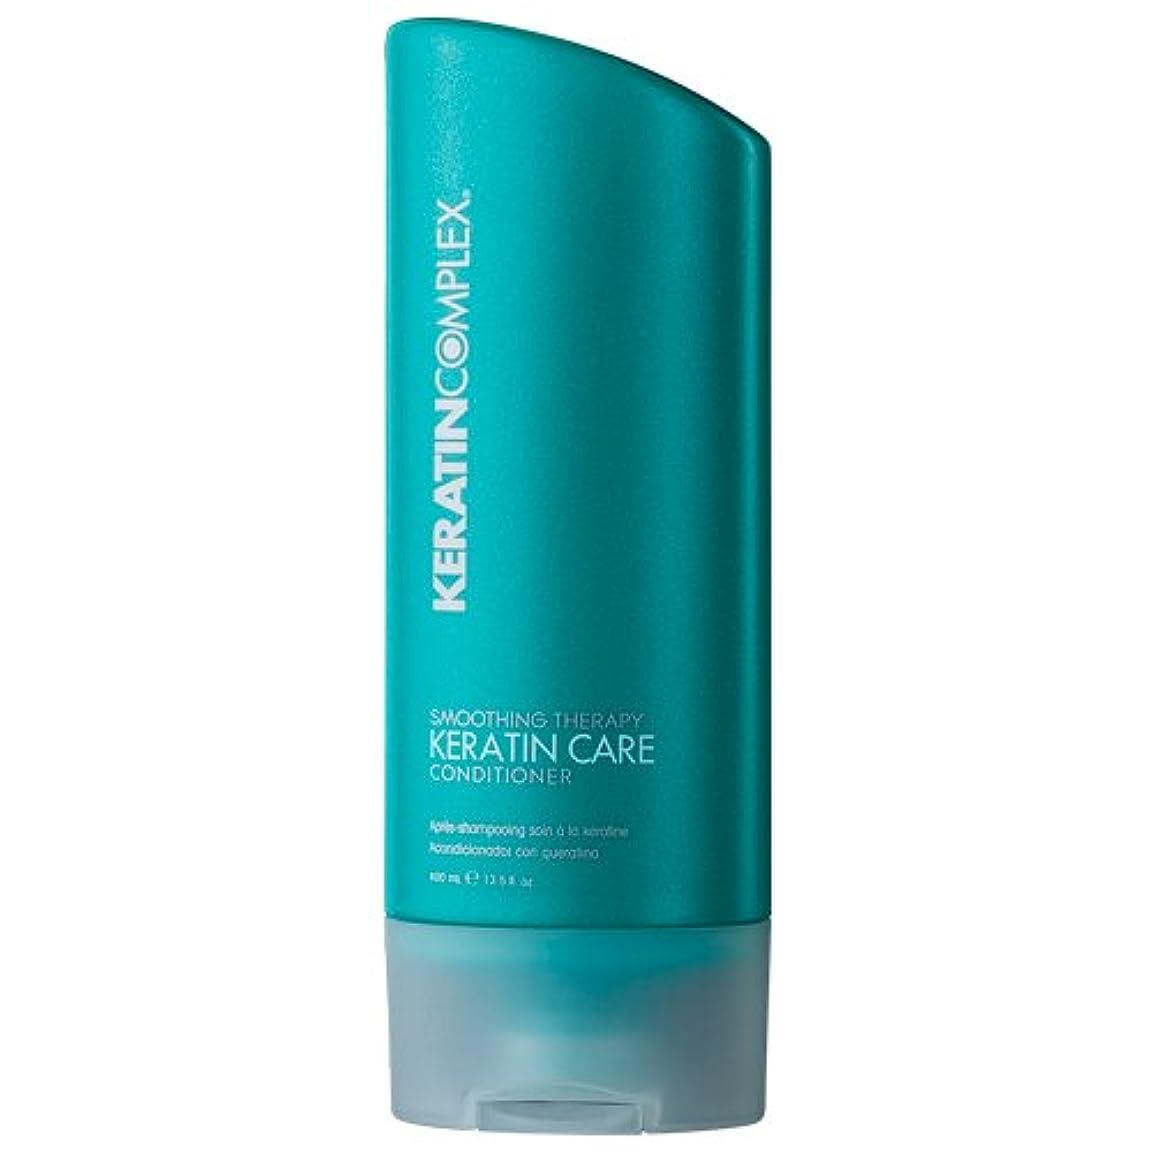 結果ヘア音Smoothing Therapy Keratin Care Conditioner (For All Hair Types) - 400ml/13.5oz